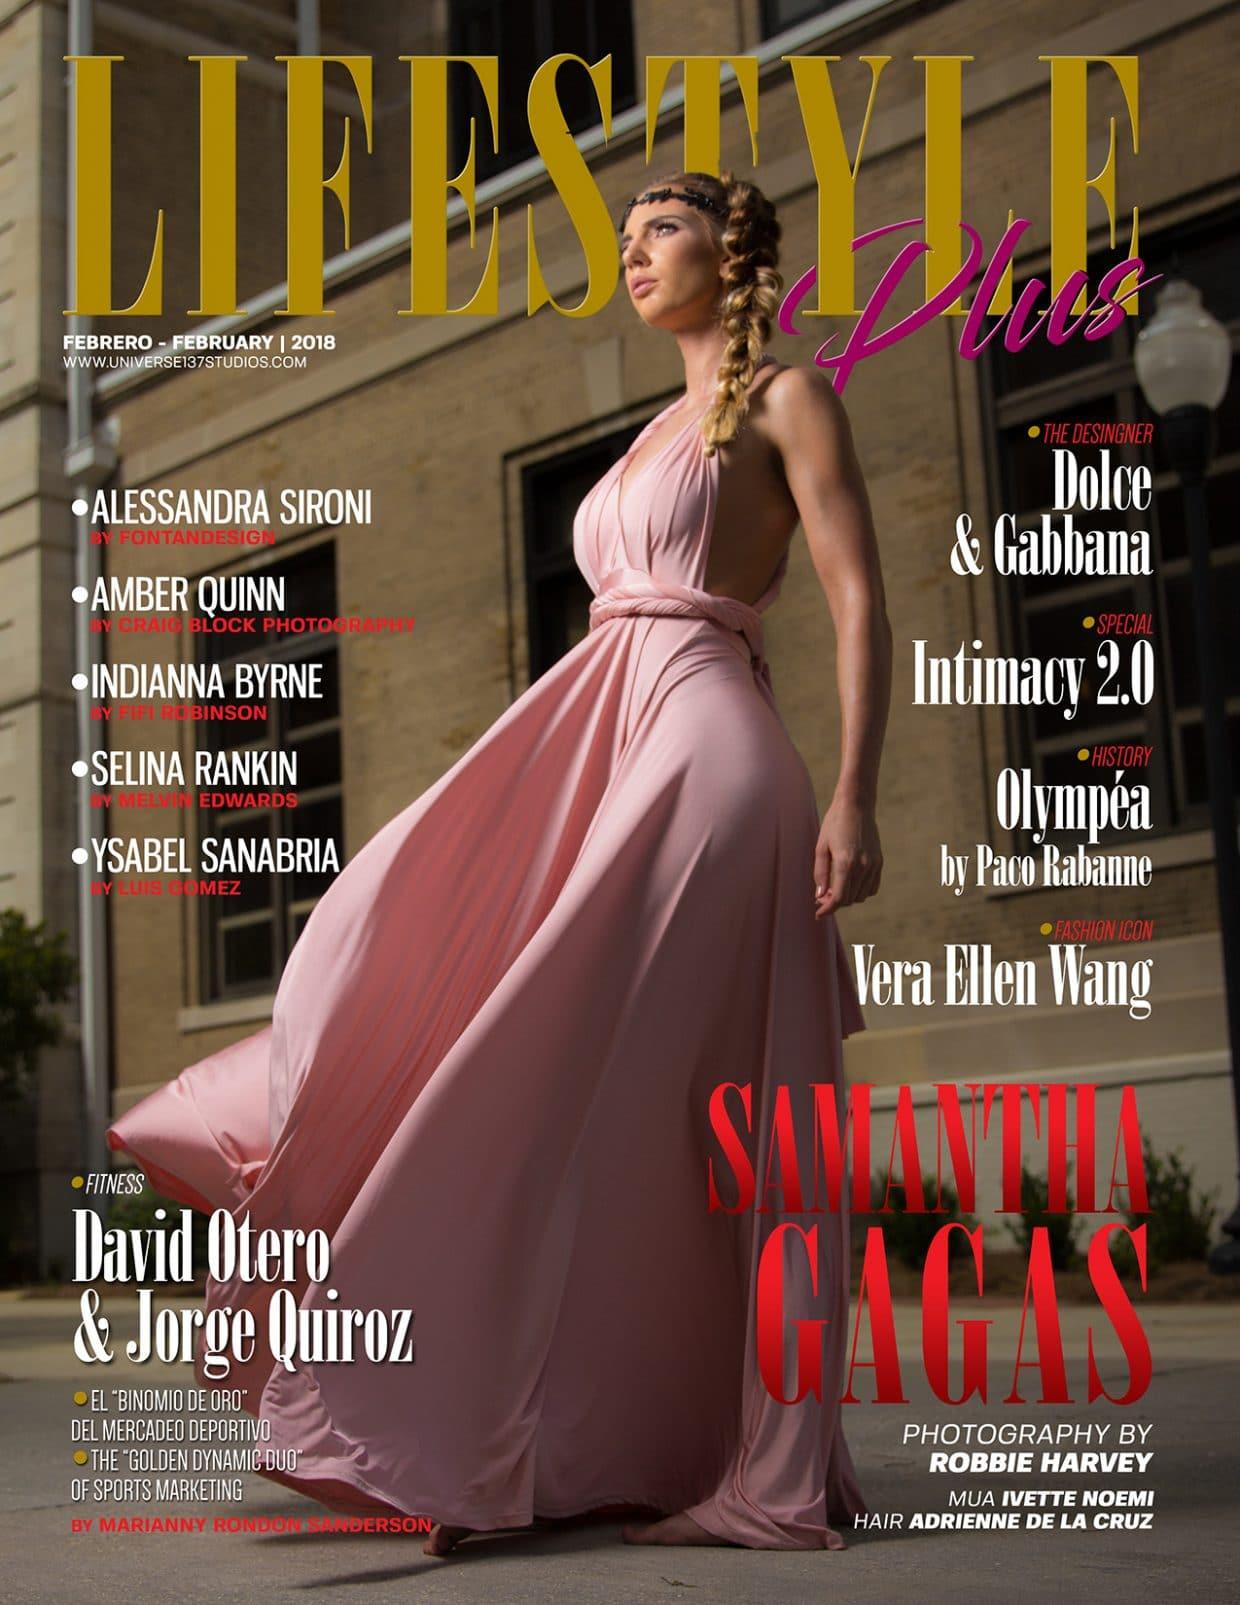 Lifestyle Plus Magazine - February 2018 1